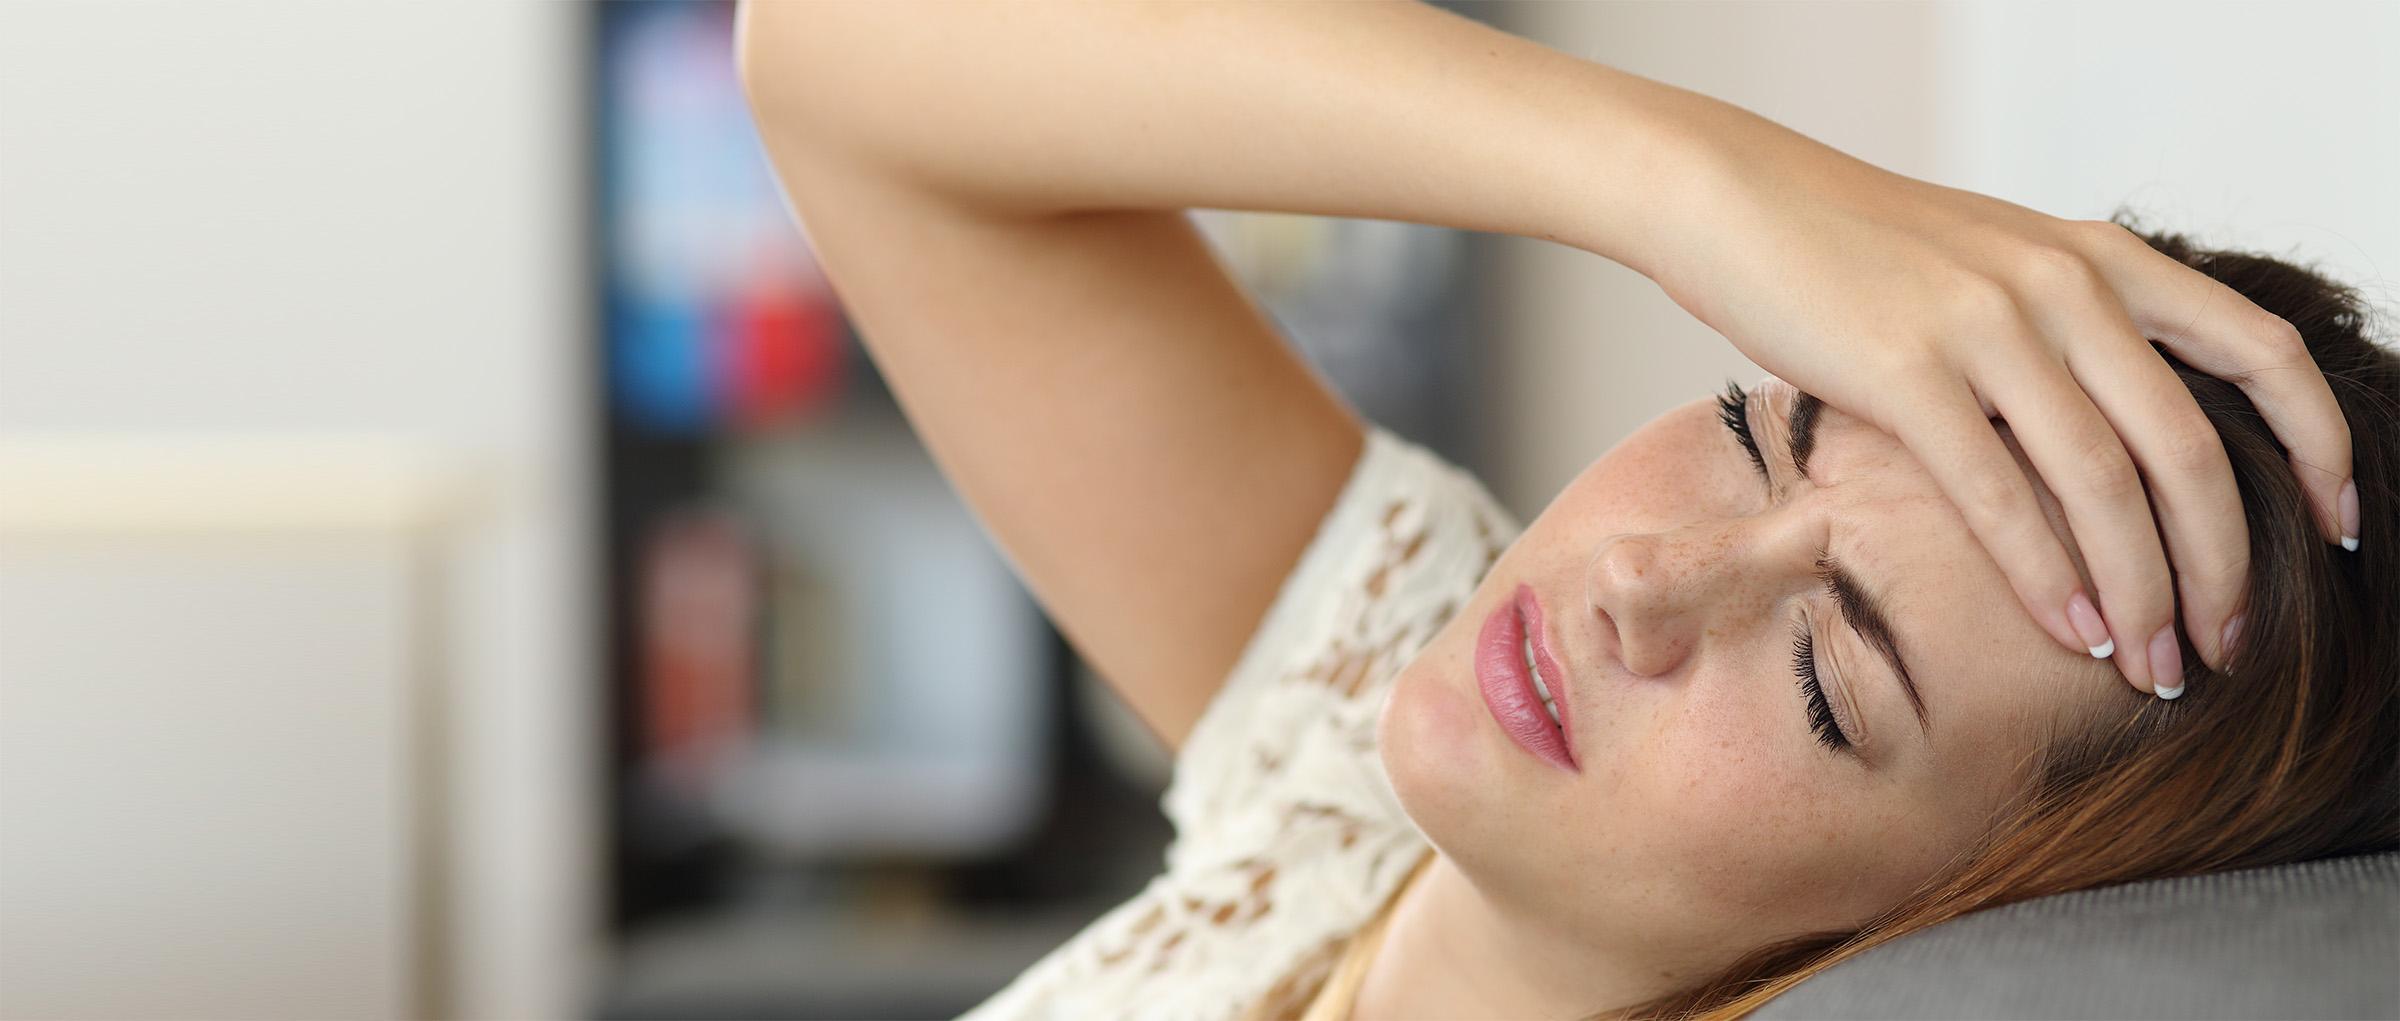 Sensación de desmayo y malestar estomacal